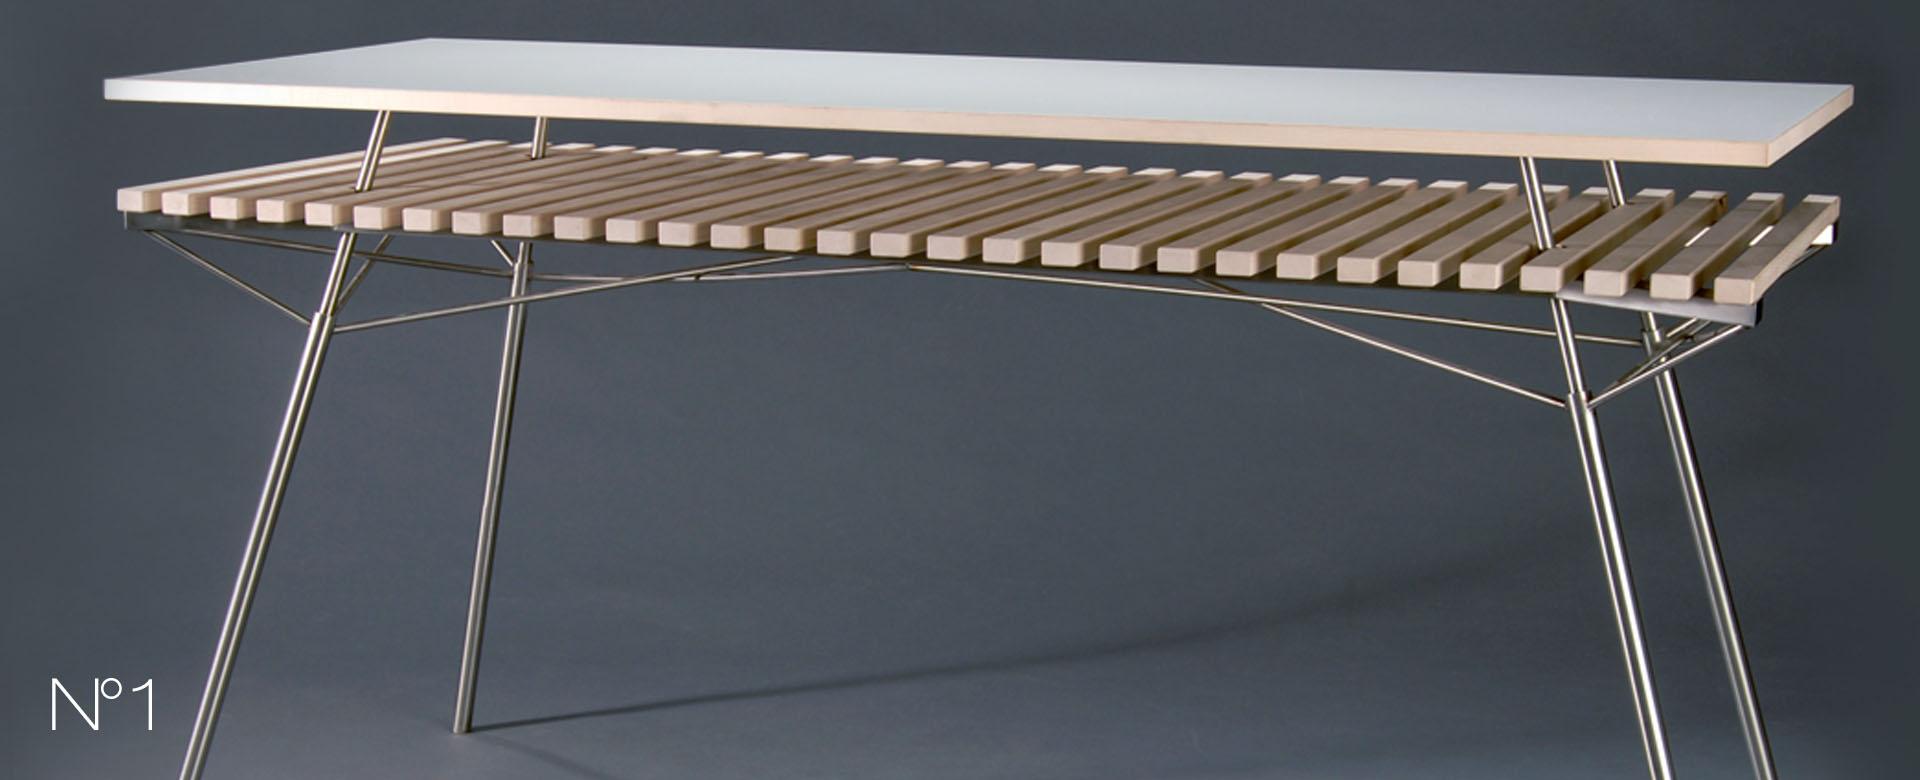 ungew hnlich car mobel schreibtisch zeitgen ssisch die. Black Bedroom Furniture Sets. Home Design Ideas